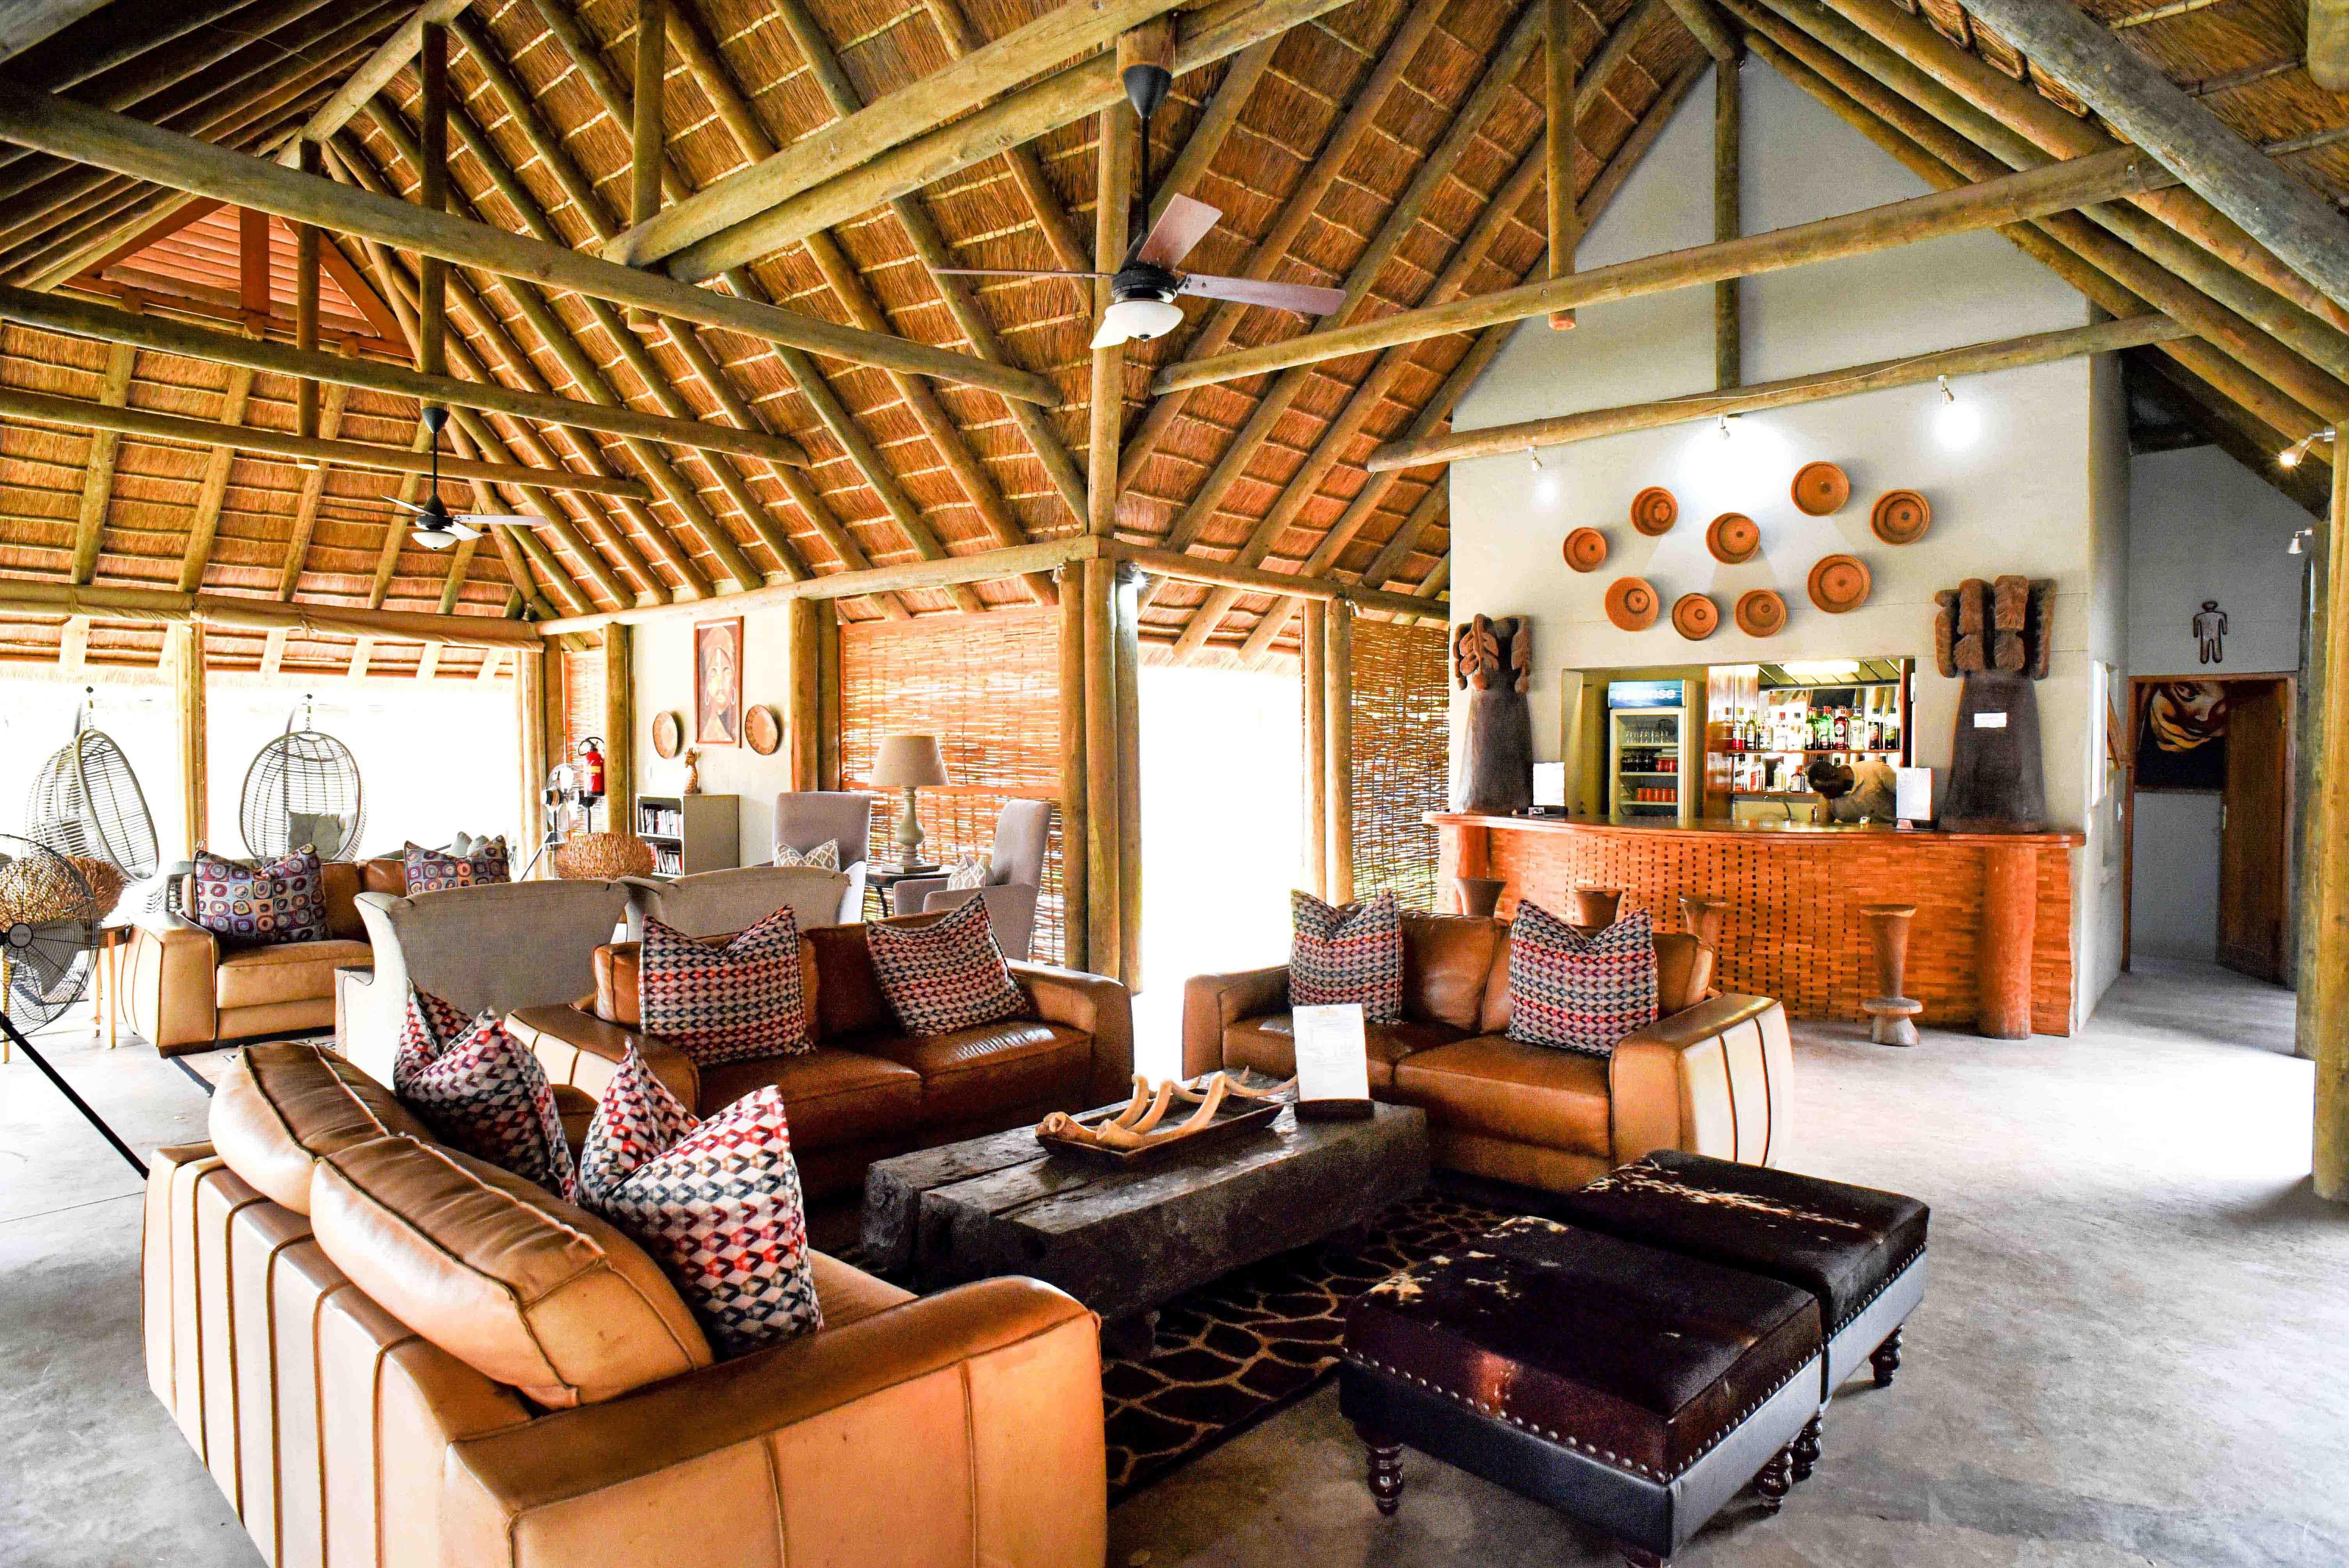 Senegal safari lodge lounge area